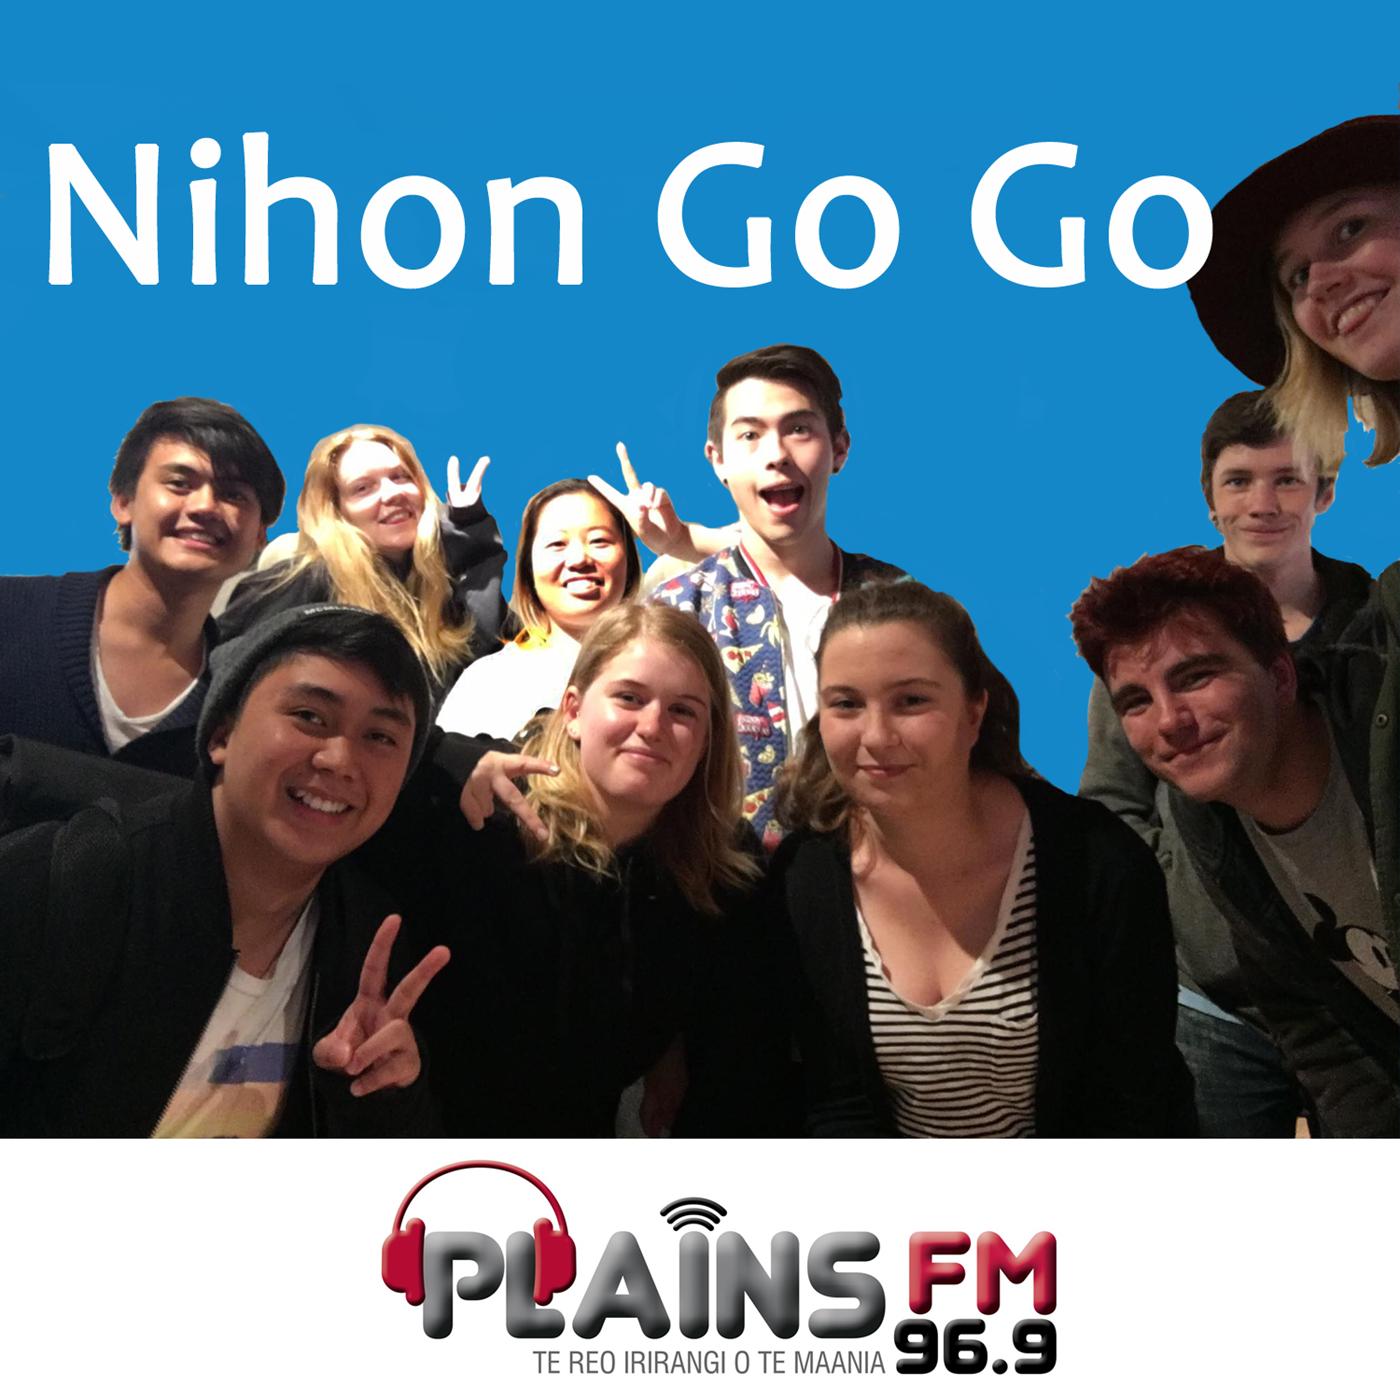 Nihon Go Go